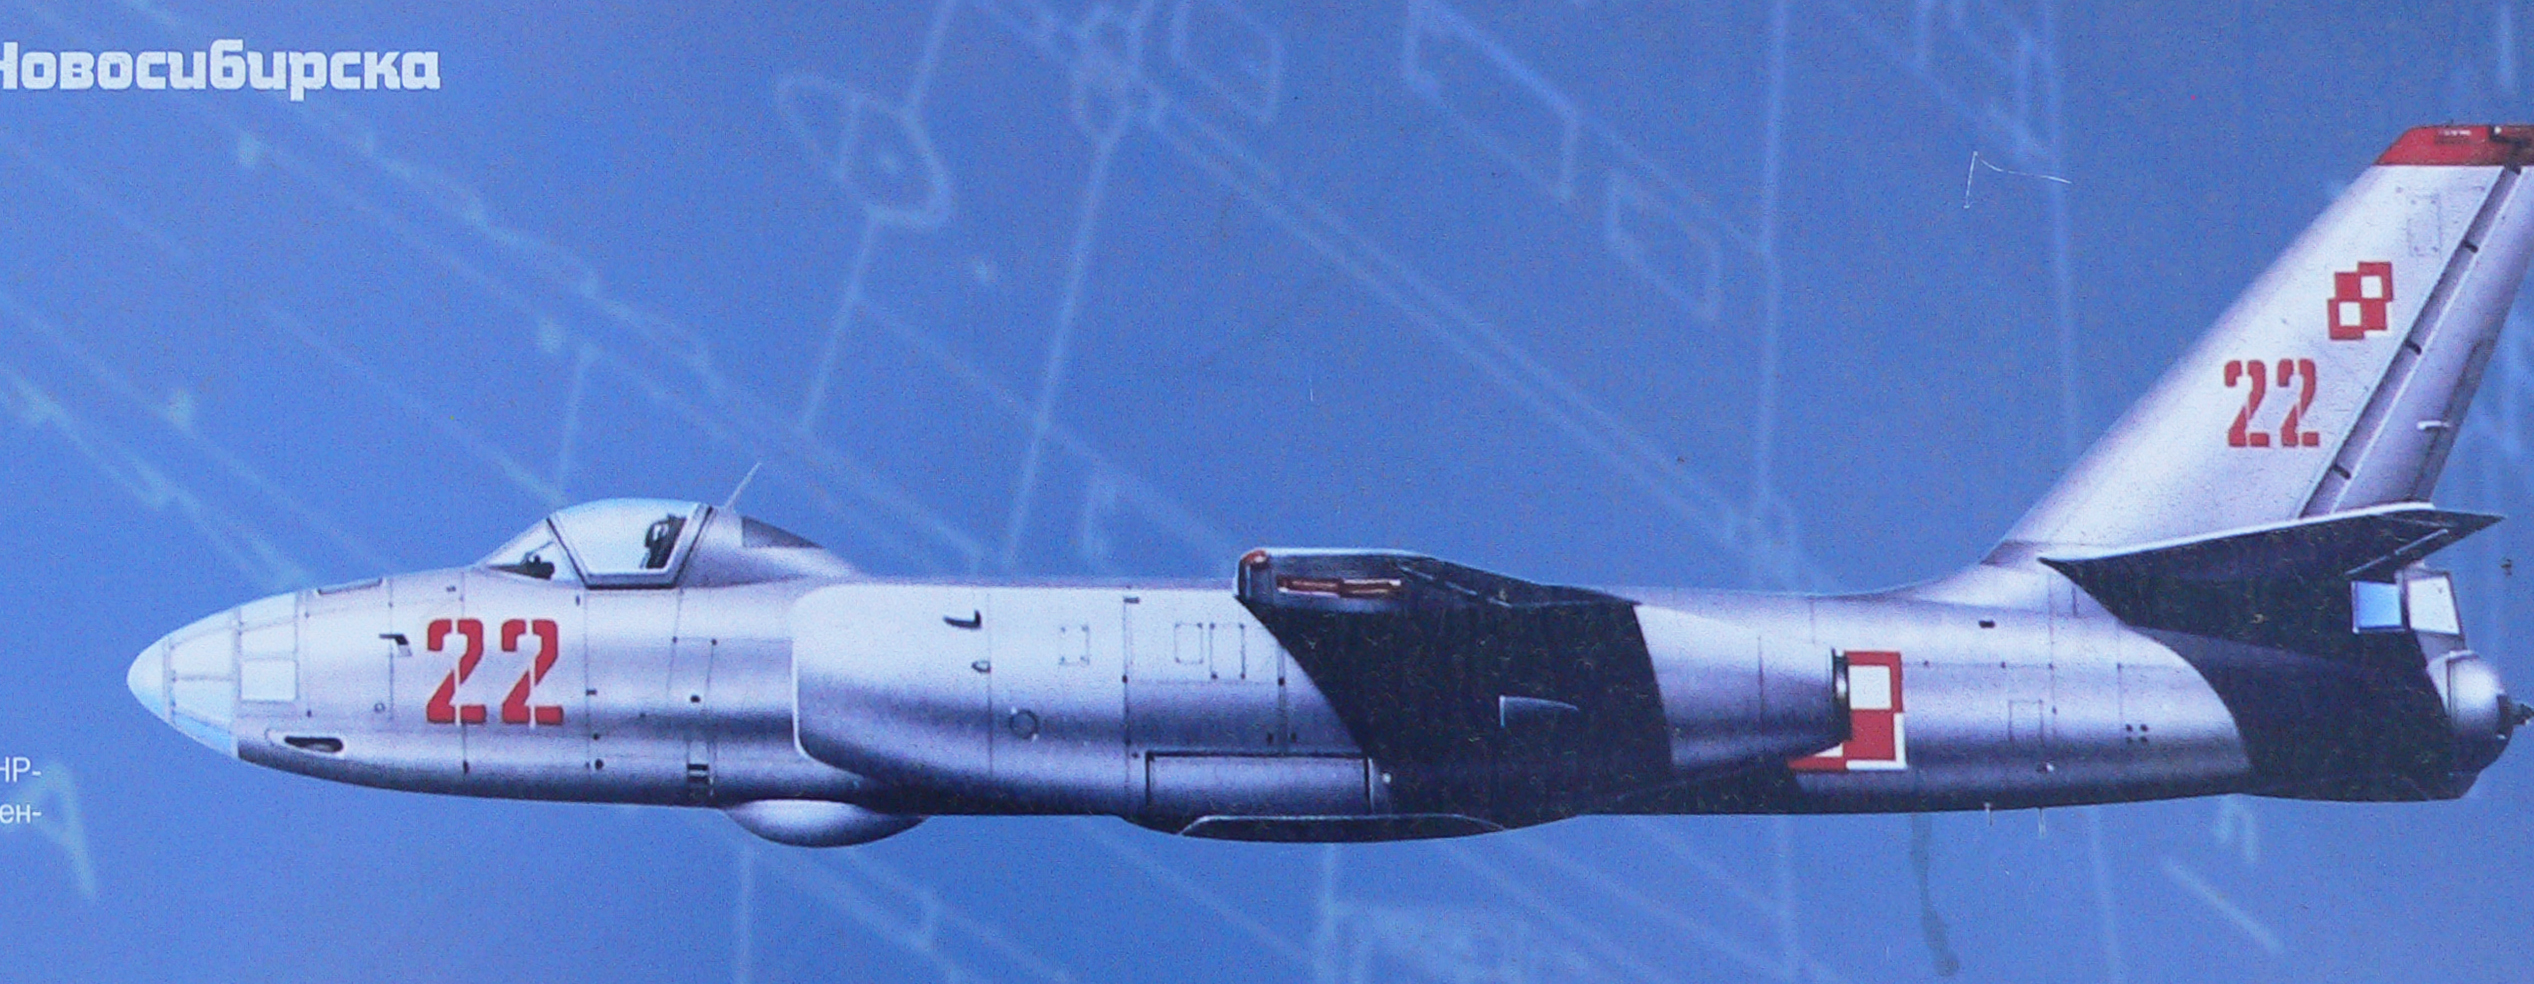 Фотография-советского-самолета-Ил28